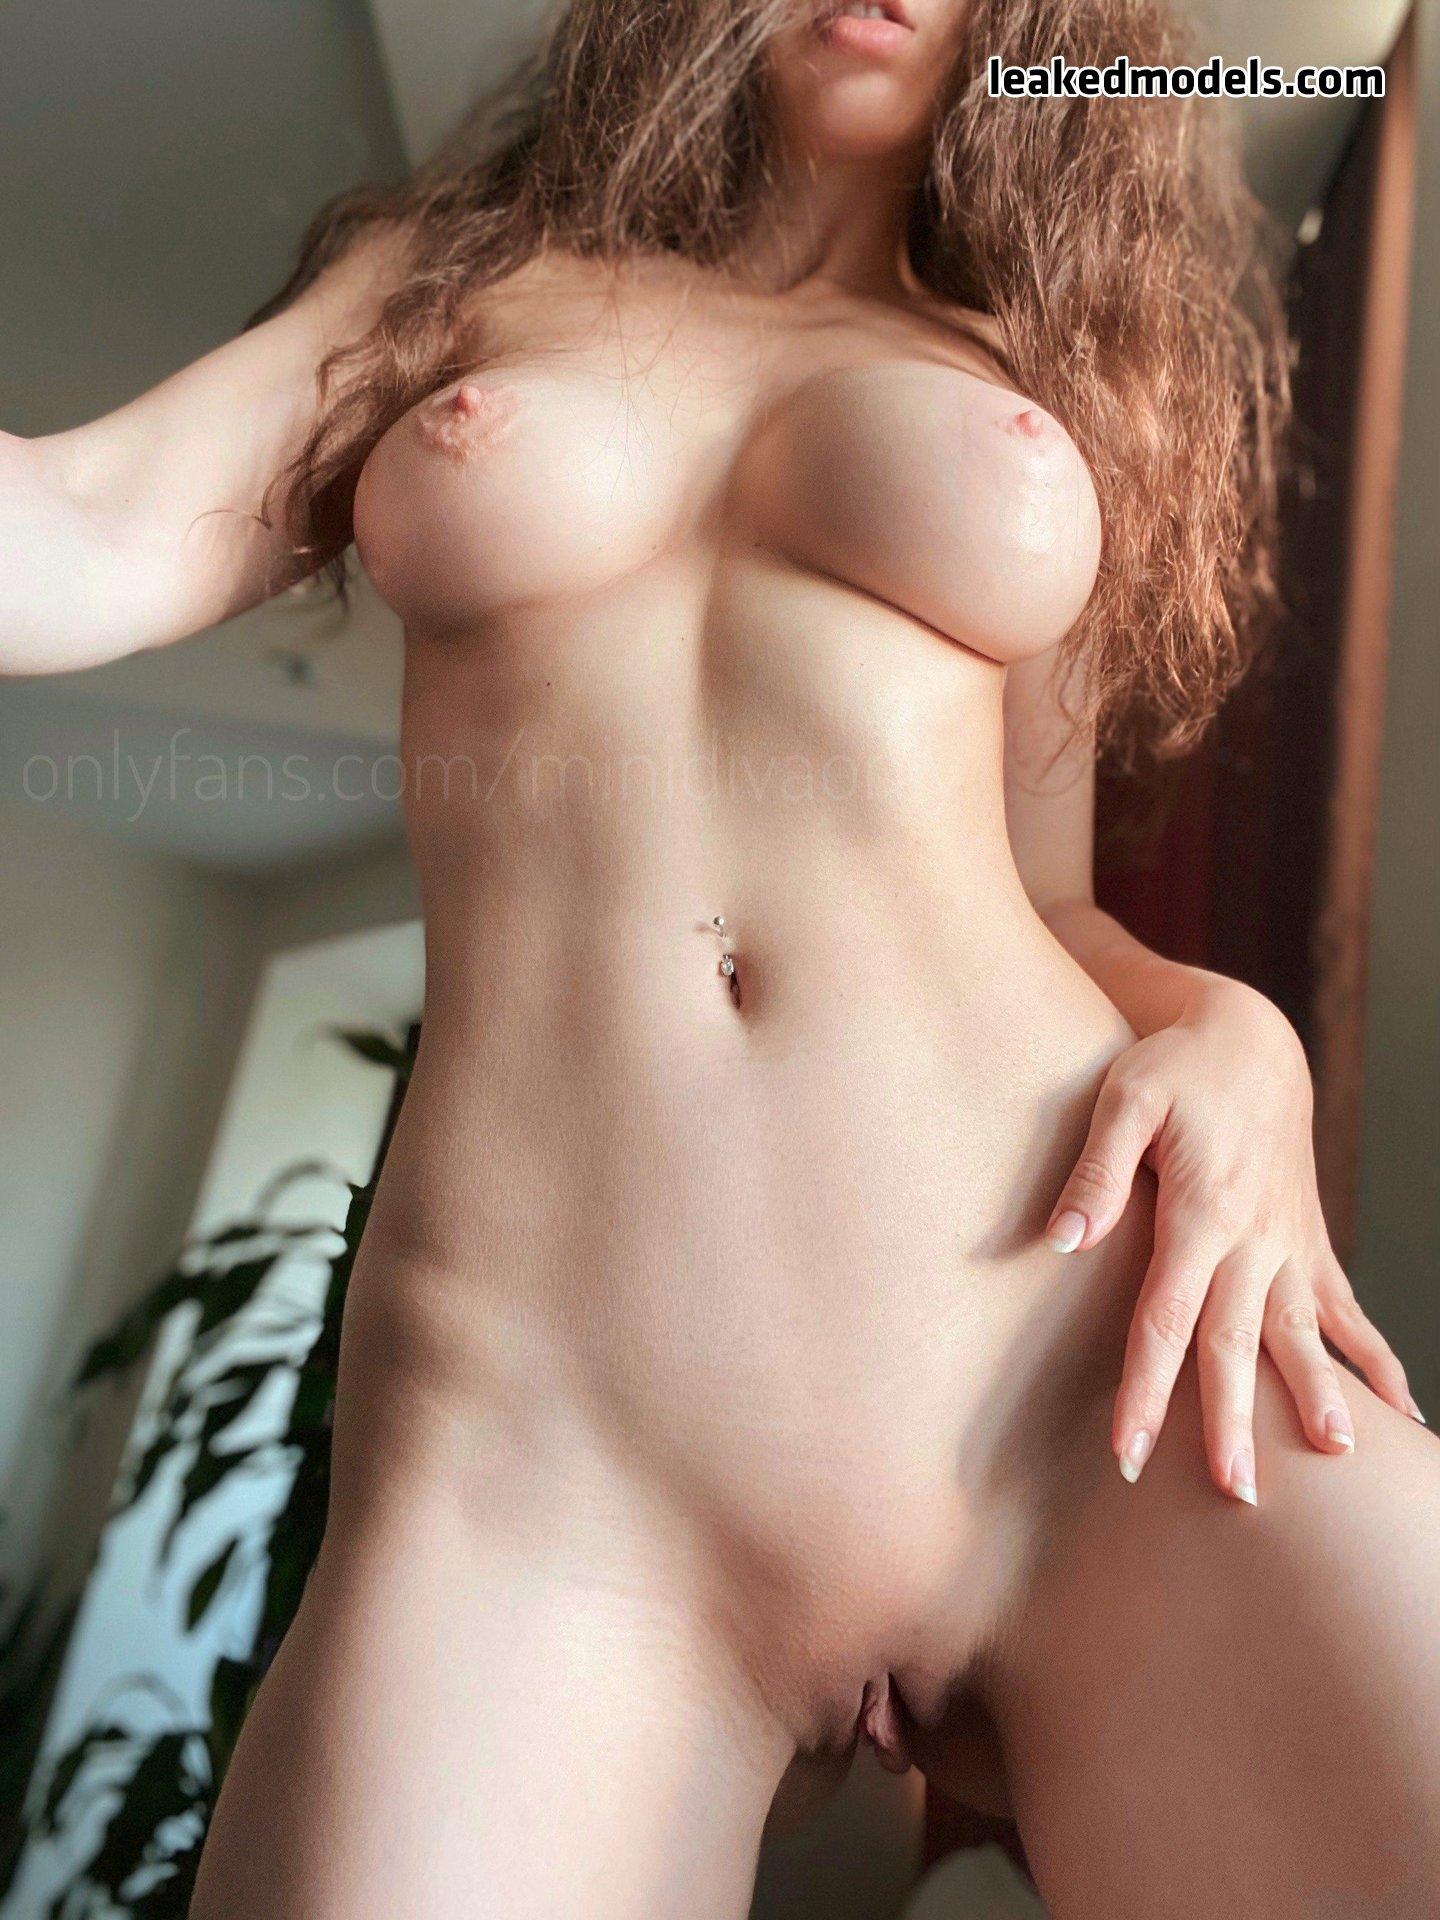 Mini Diva – divasareboring OnlyFans Nude Leaks (27 Photos)